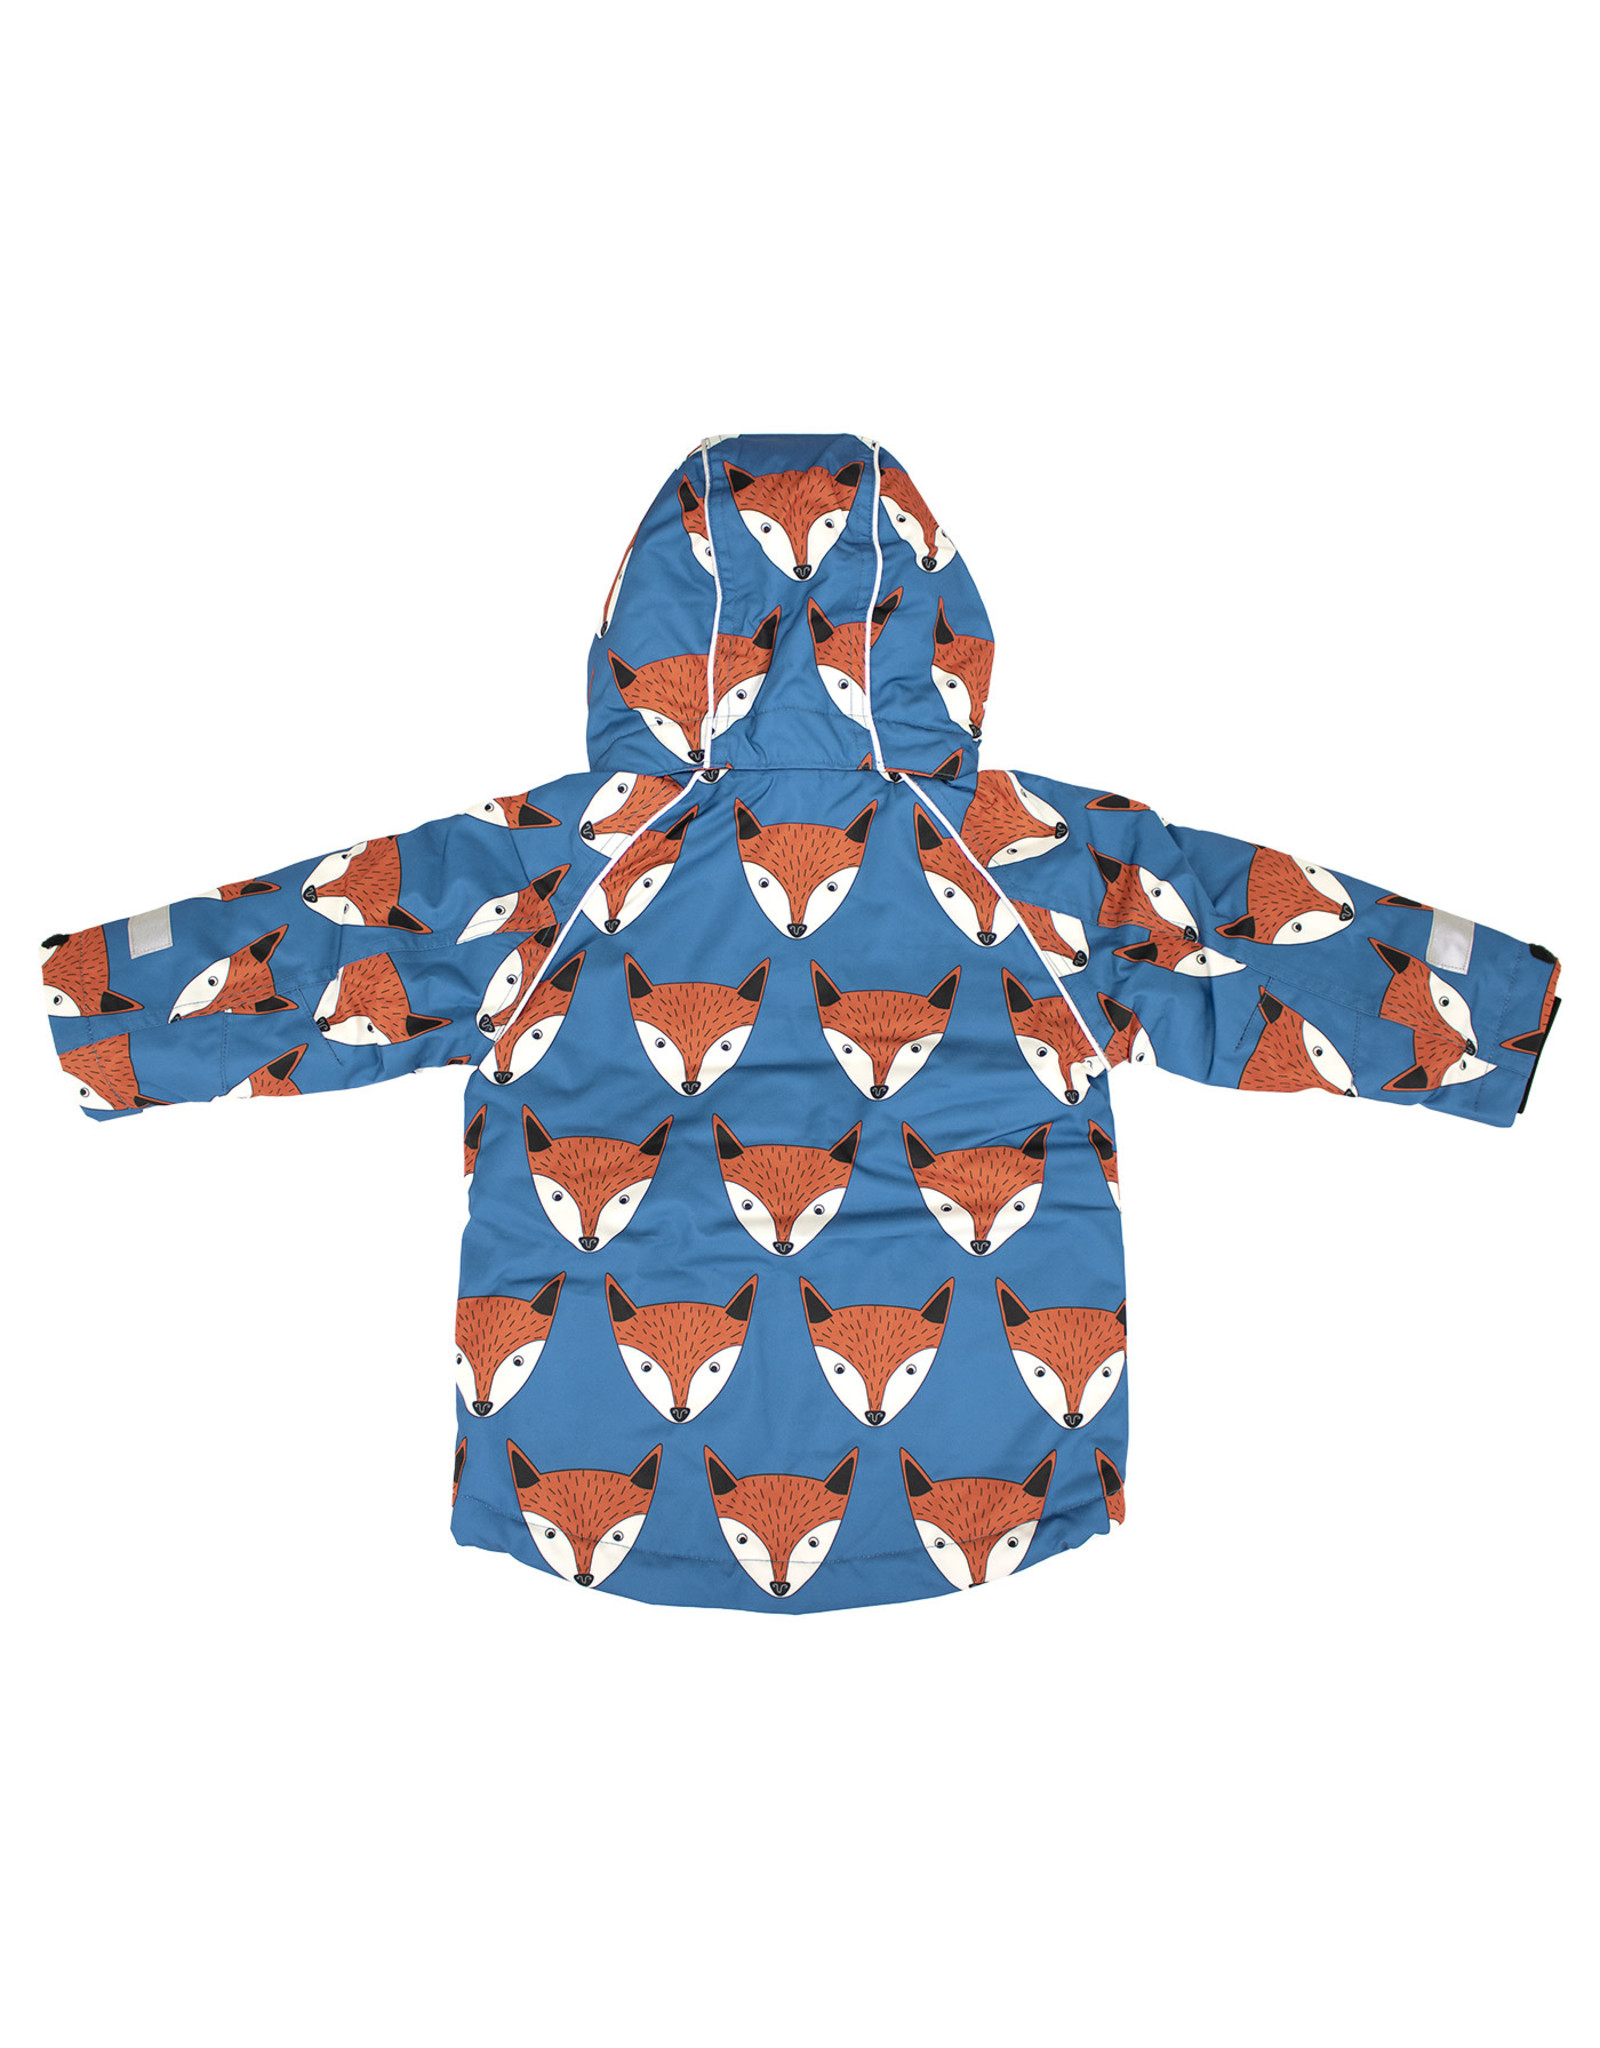 Villervalla Blauwe unisex winterjas met vossenprint